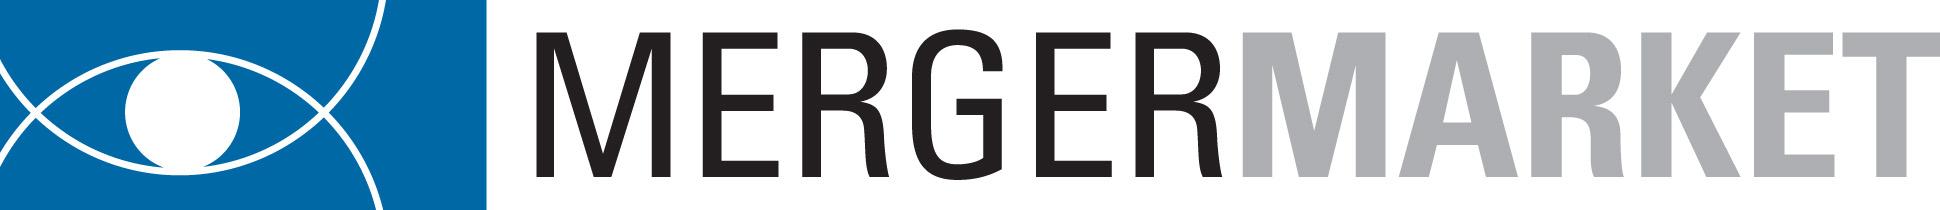 MergerMarket Logo